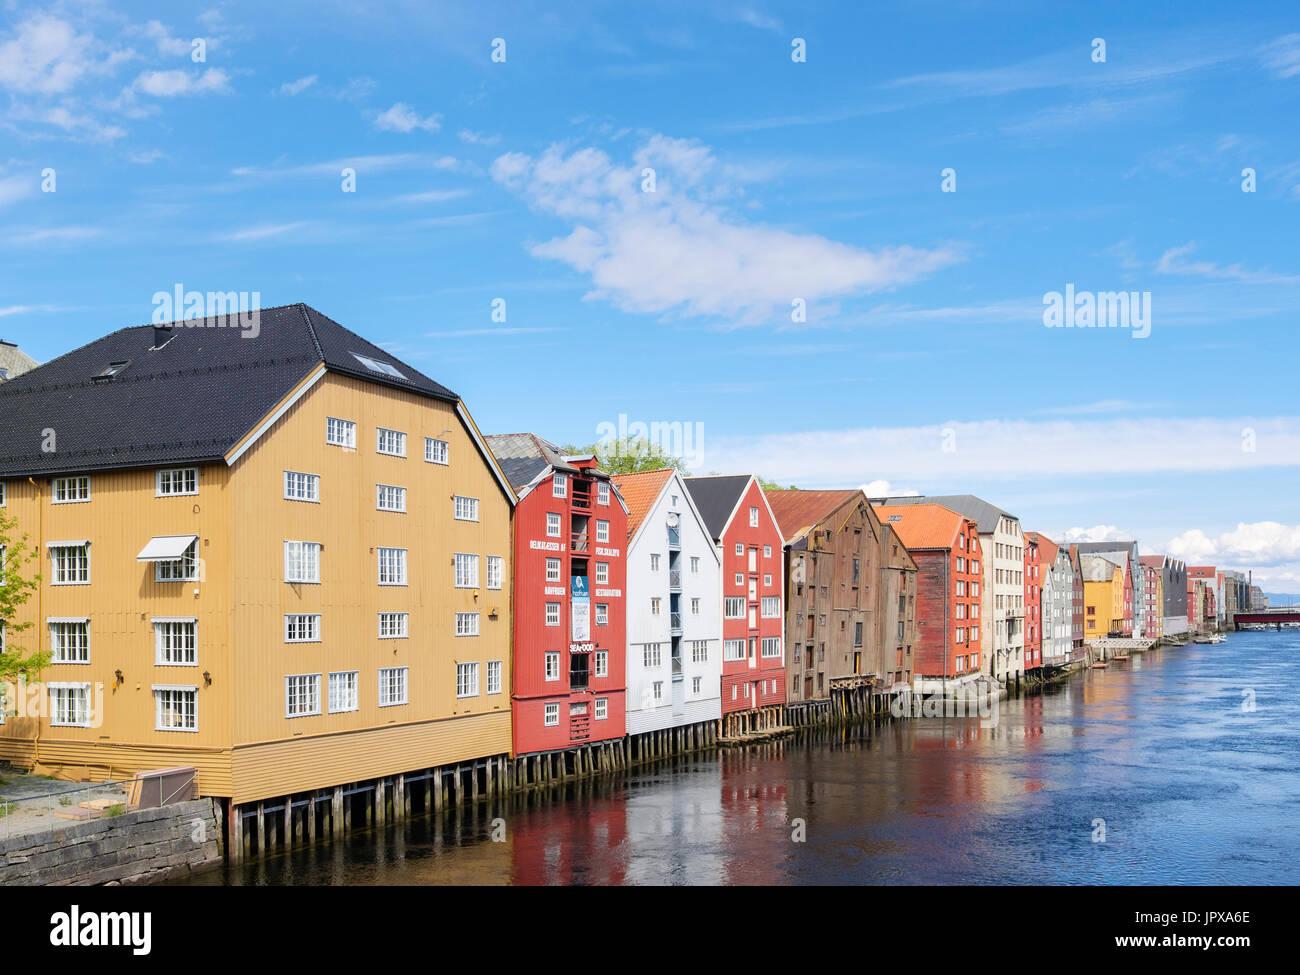 Les bâtiments historiques en bois coloré warehouse sur pilotis sur la rivière Nidelva waterfront dans la vieille ville en été. Trondheim Norvège Scandinavie Photo Stock